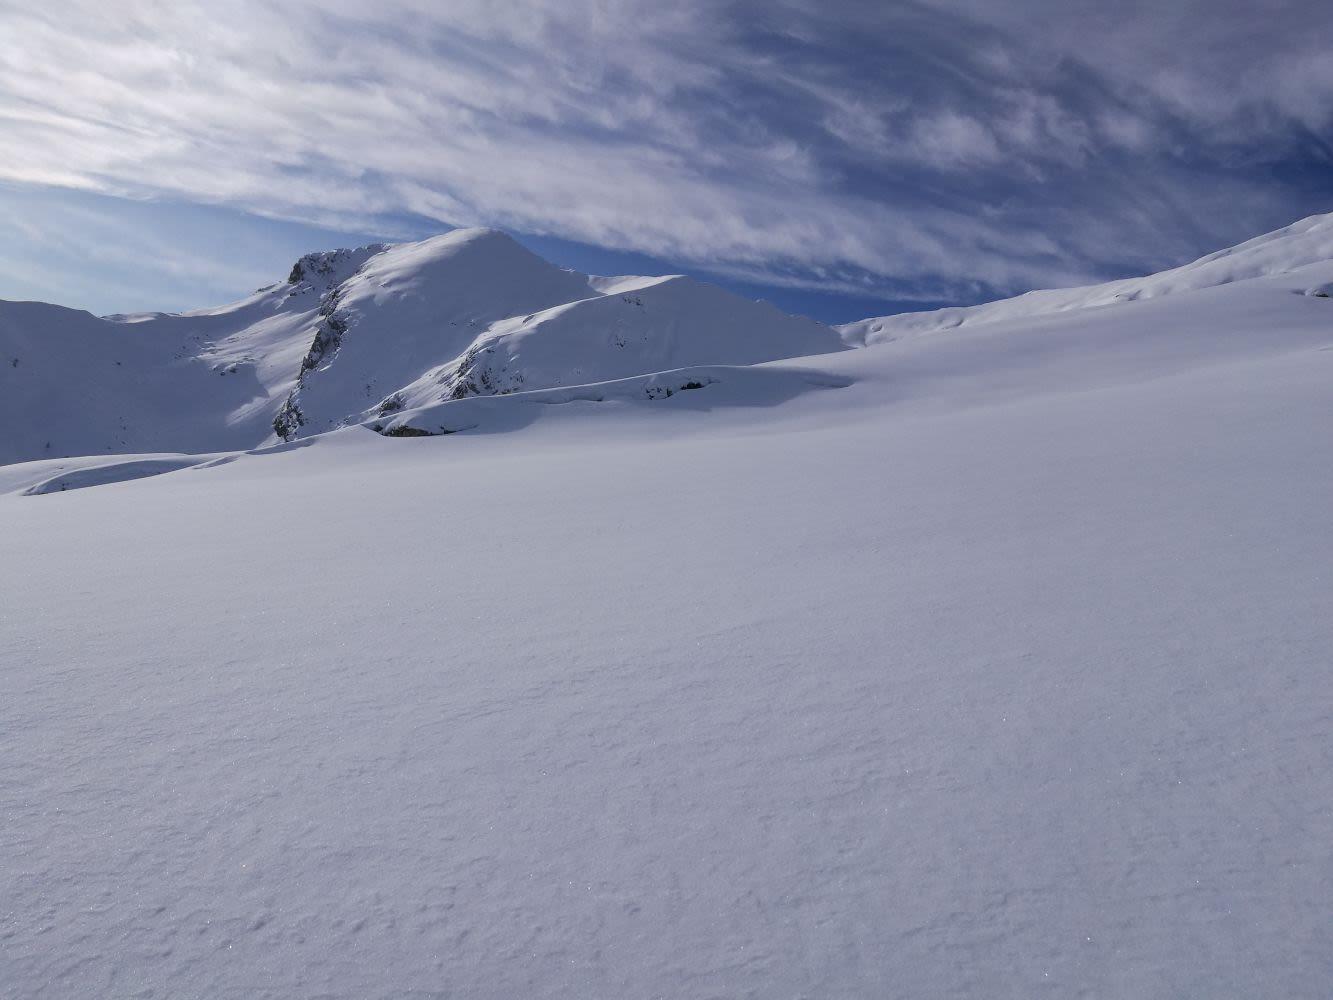 """""""Costruire il silenzio"""" ovvero """"nessun fiocco di neve è mai caduto nel posto sbagliato"""". Una foto che ha fatto Stefano Caggiano lo scorso dicembre sul monte Grigna settentrionale, il """"Grignone"""", durante un'uscita di corsa in montagna – quello che gli manca di più."""